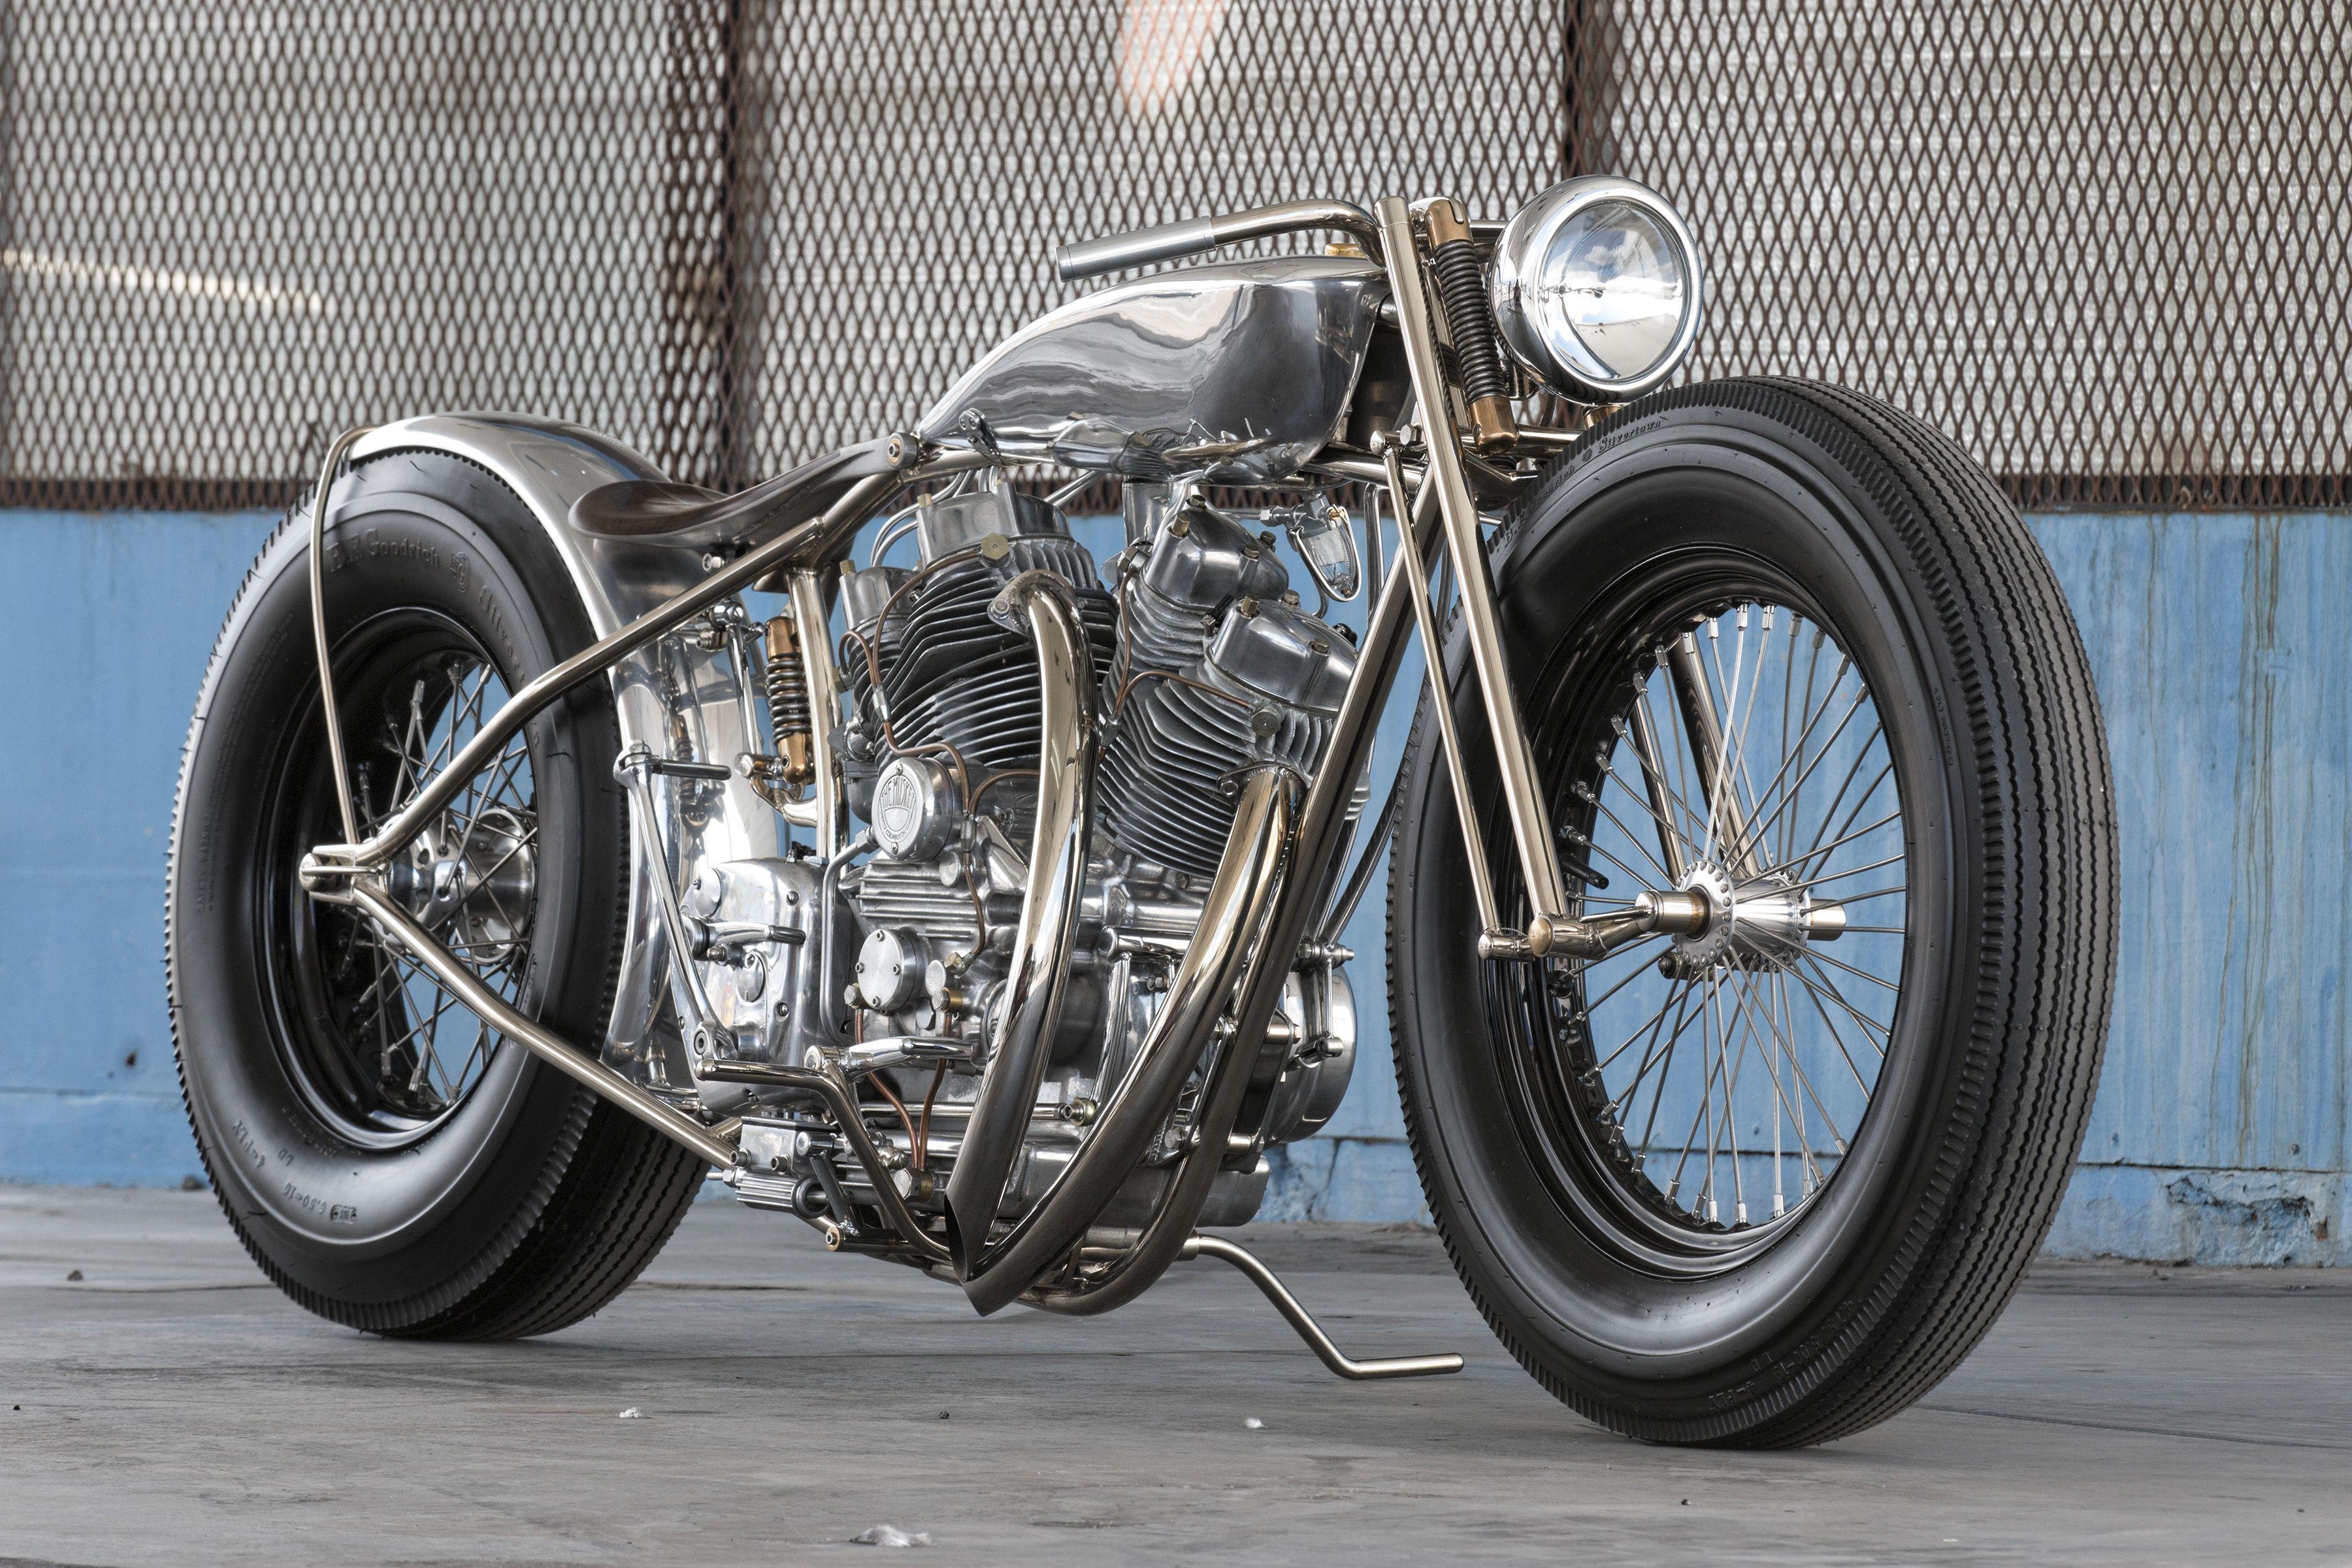 Hazan Motorworks Engineering follows design | Iron Trader News ...